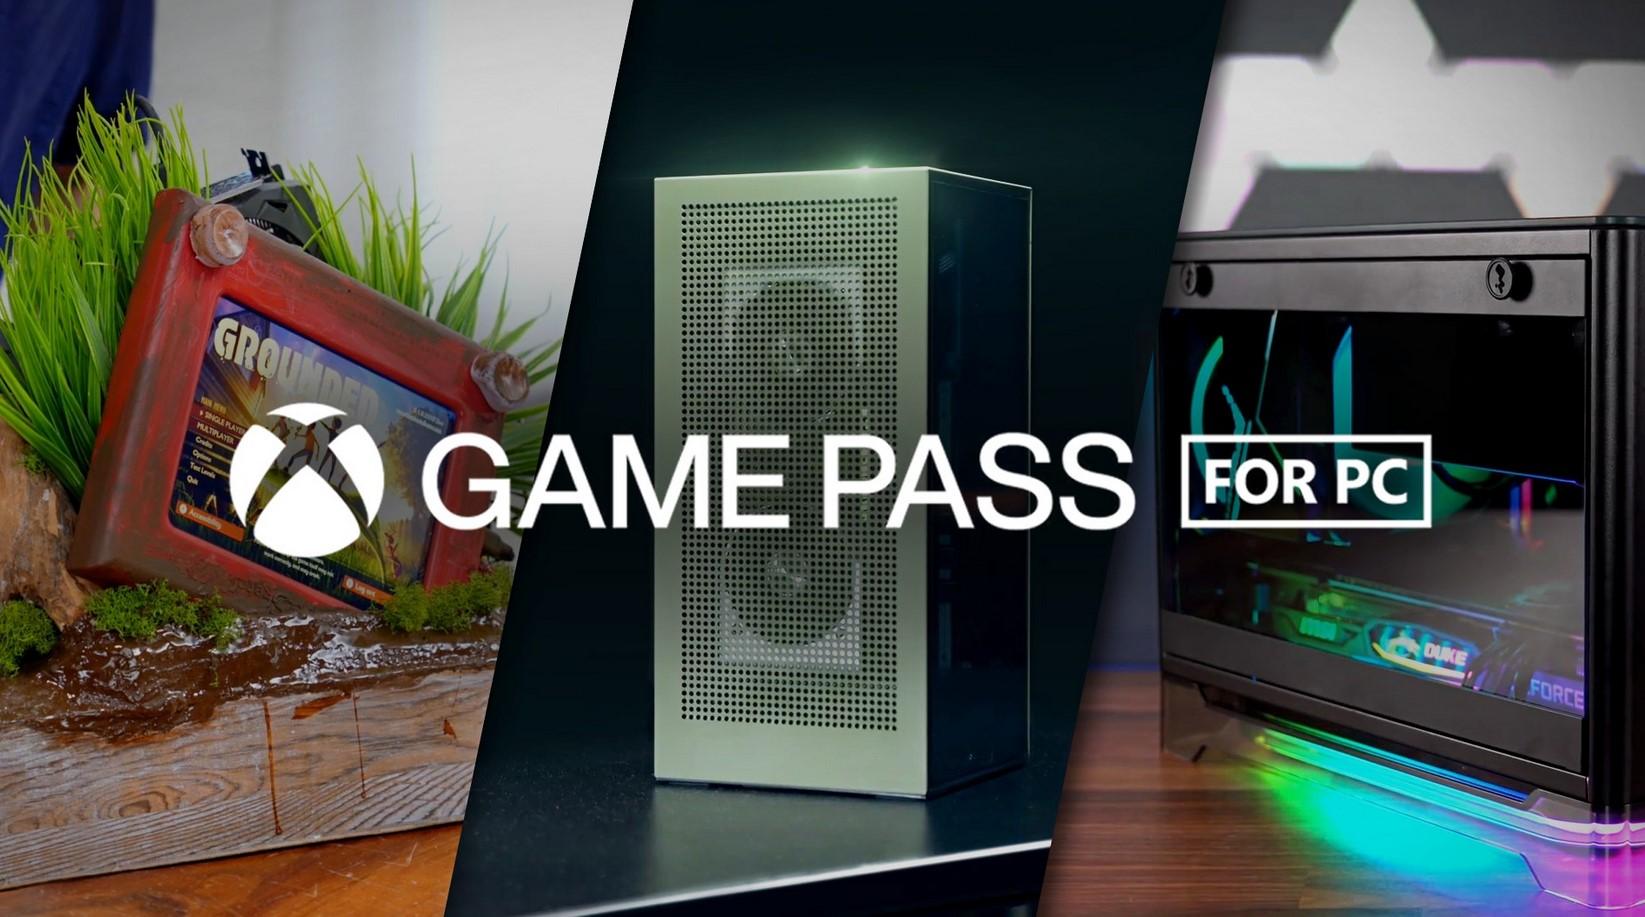 xbox Game Pass PC prezzo